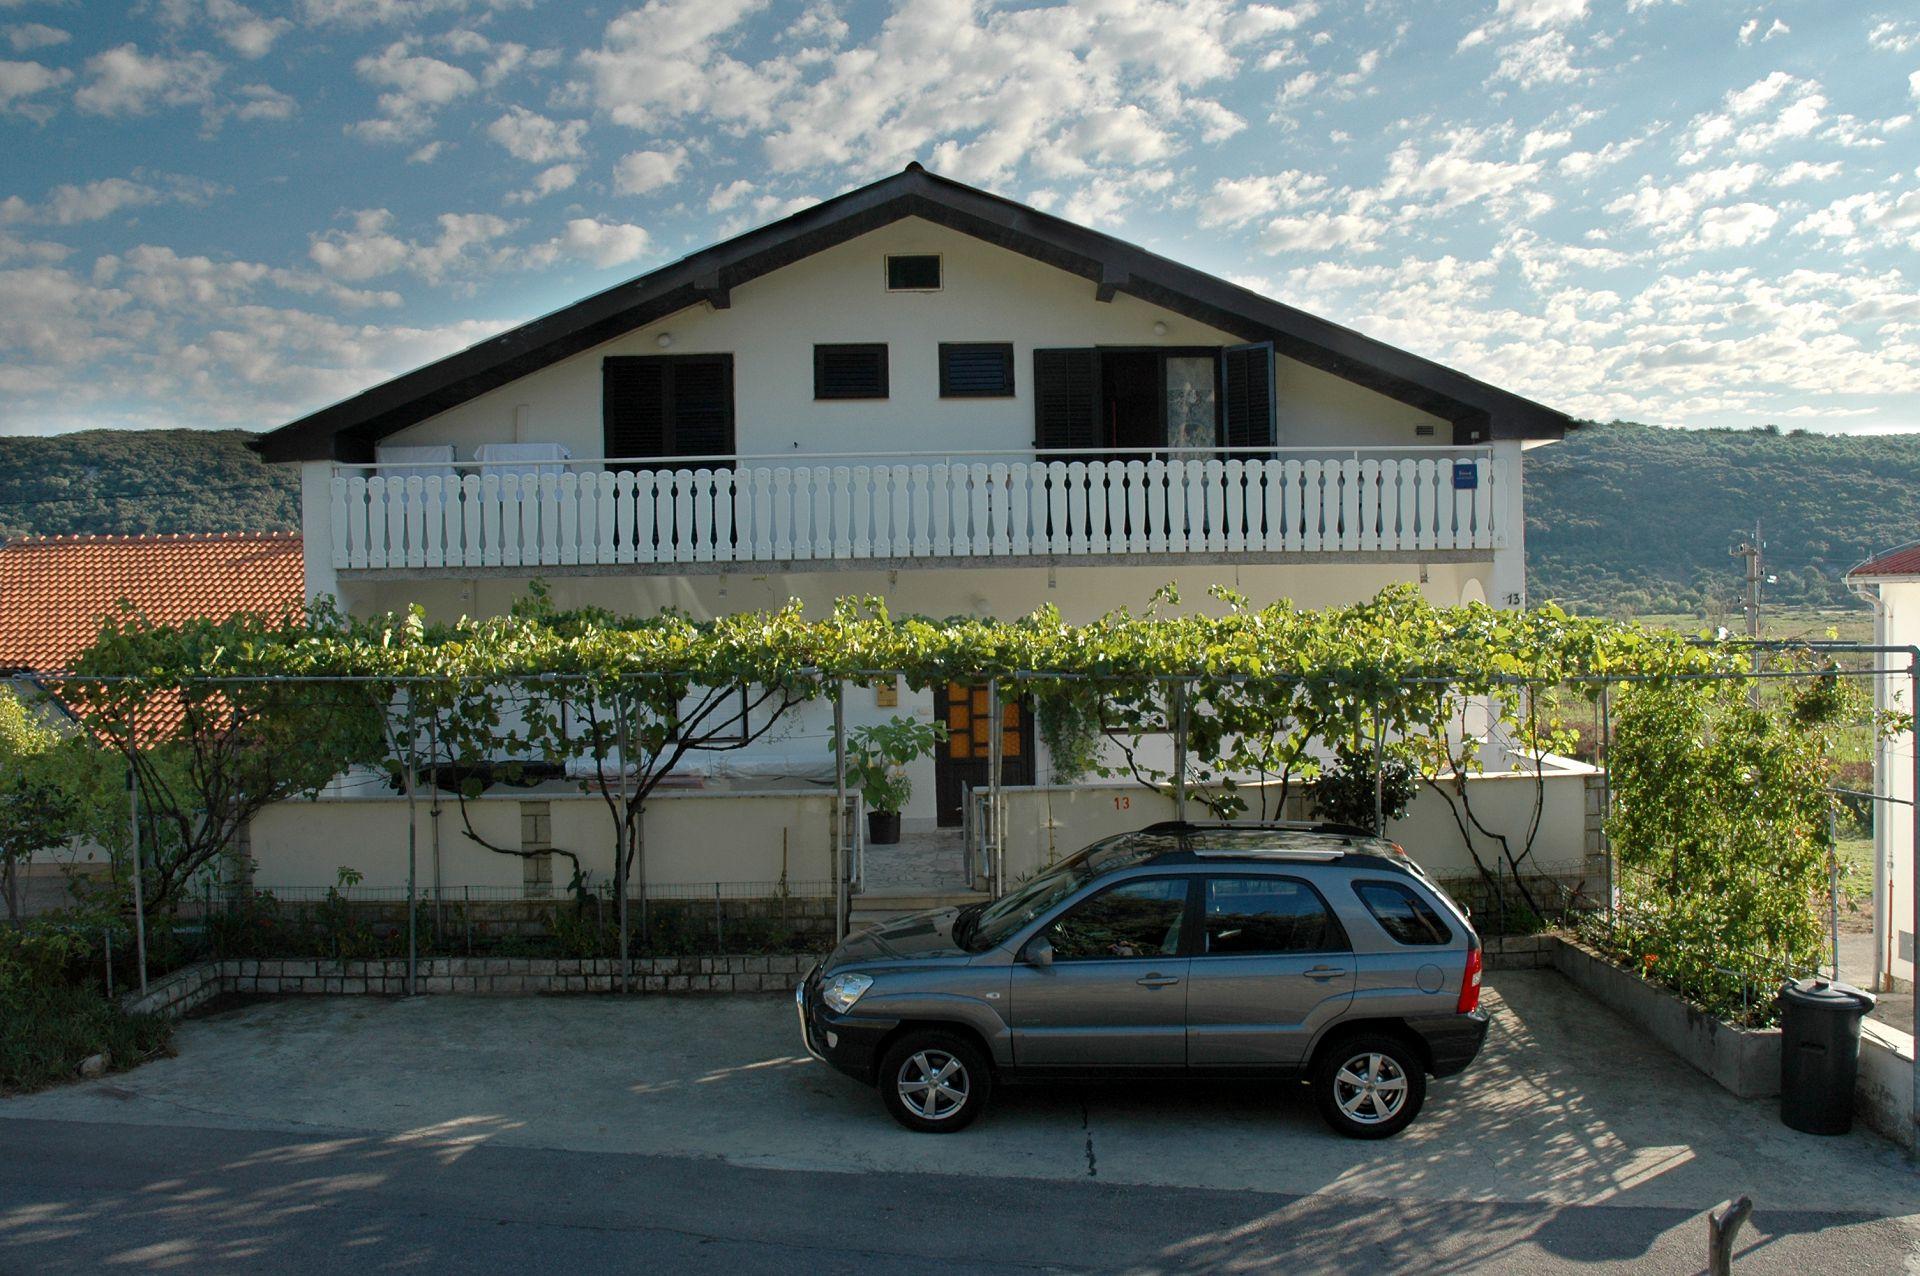 Ruža - Supetarska Draga - Appartamenti Croazia